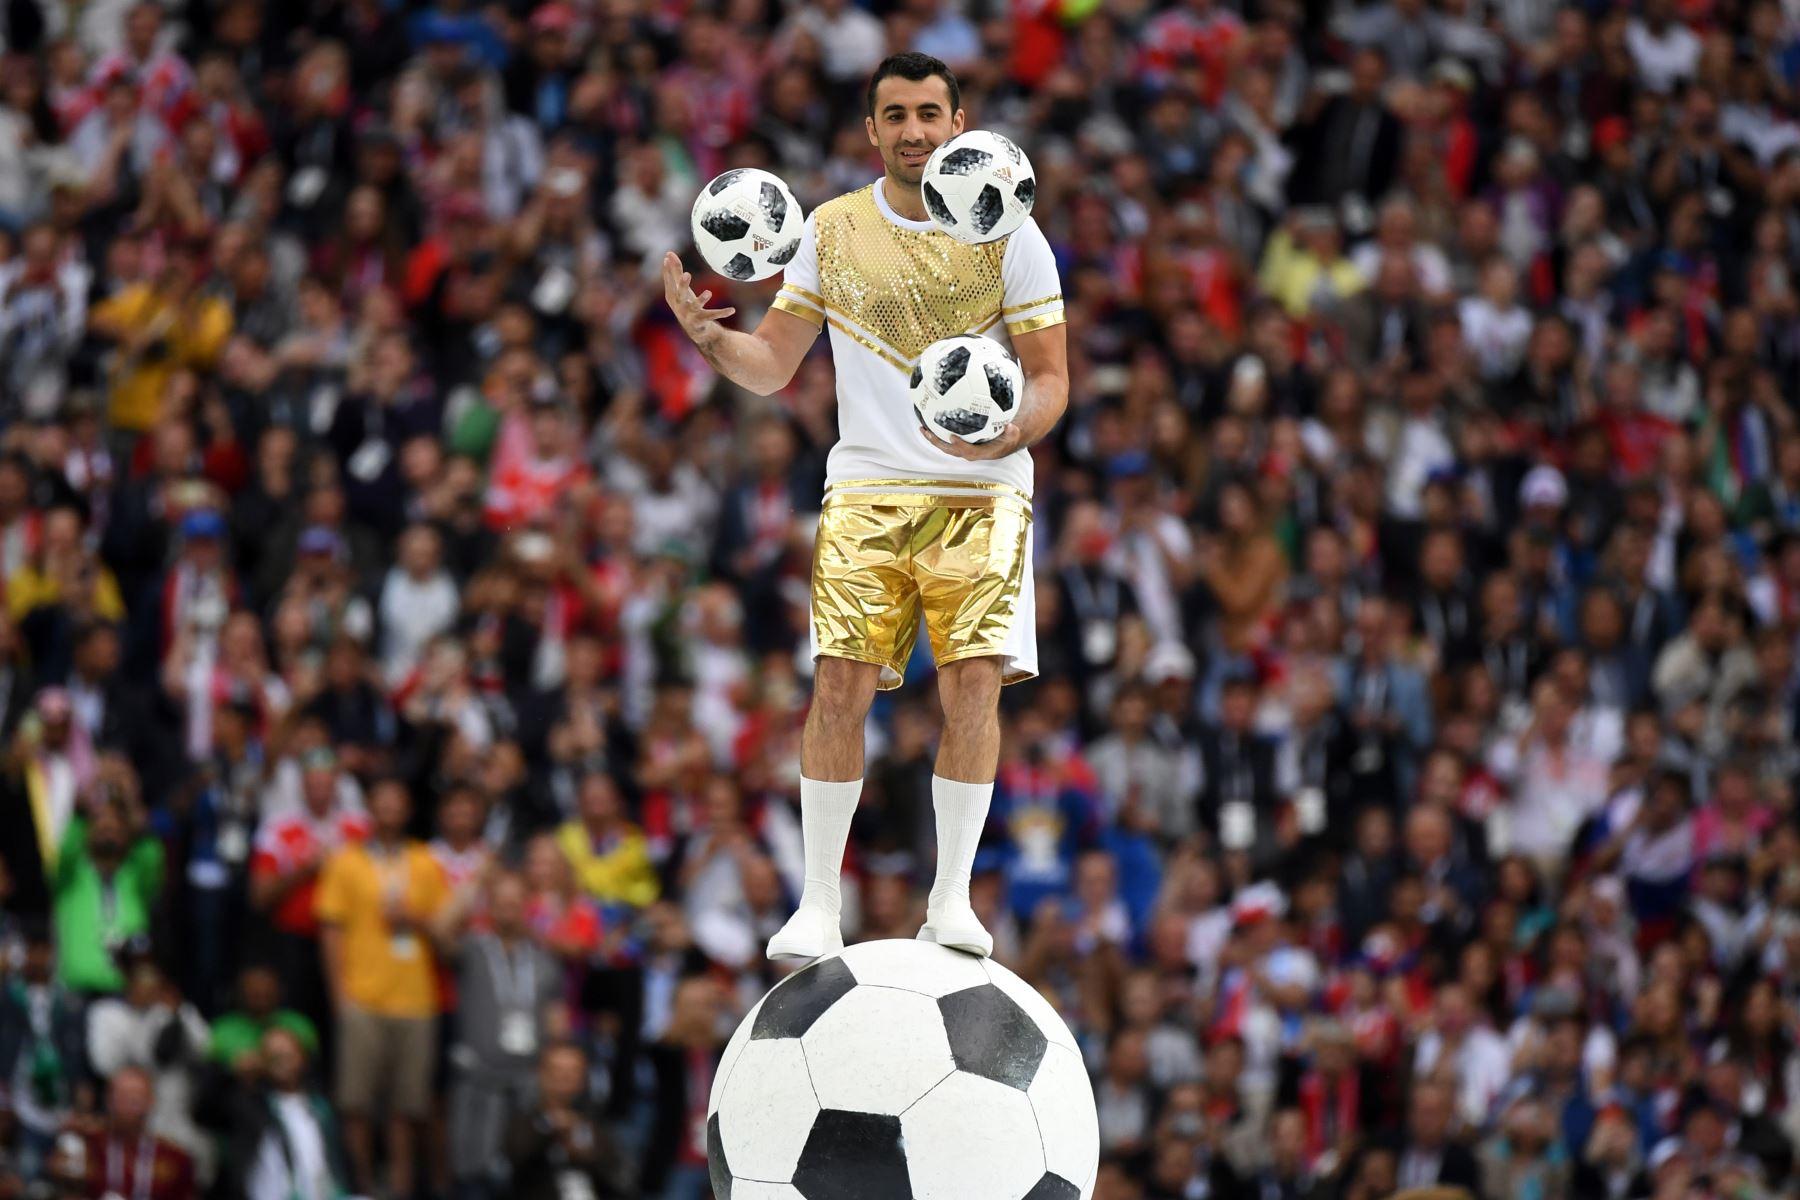 Artista hace malabares con 3 balones de fútbol durante la Ceremonia de Apertura antes del partido de fútbol Rusia A del Grupo A de la Copa Mundial 2018 entre Rusia y Arabia Saudita en el Estadio Luzhniki en Moscú. AFP